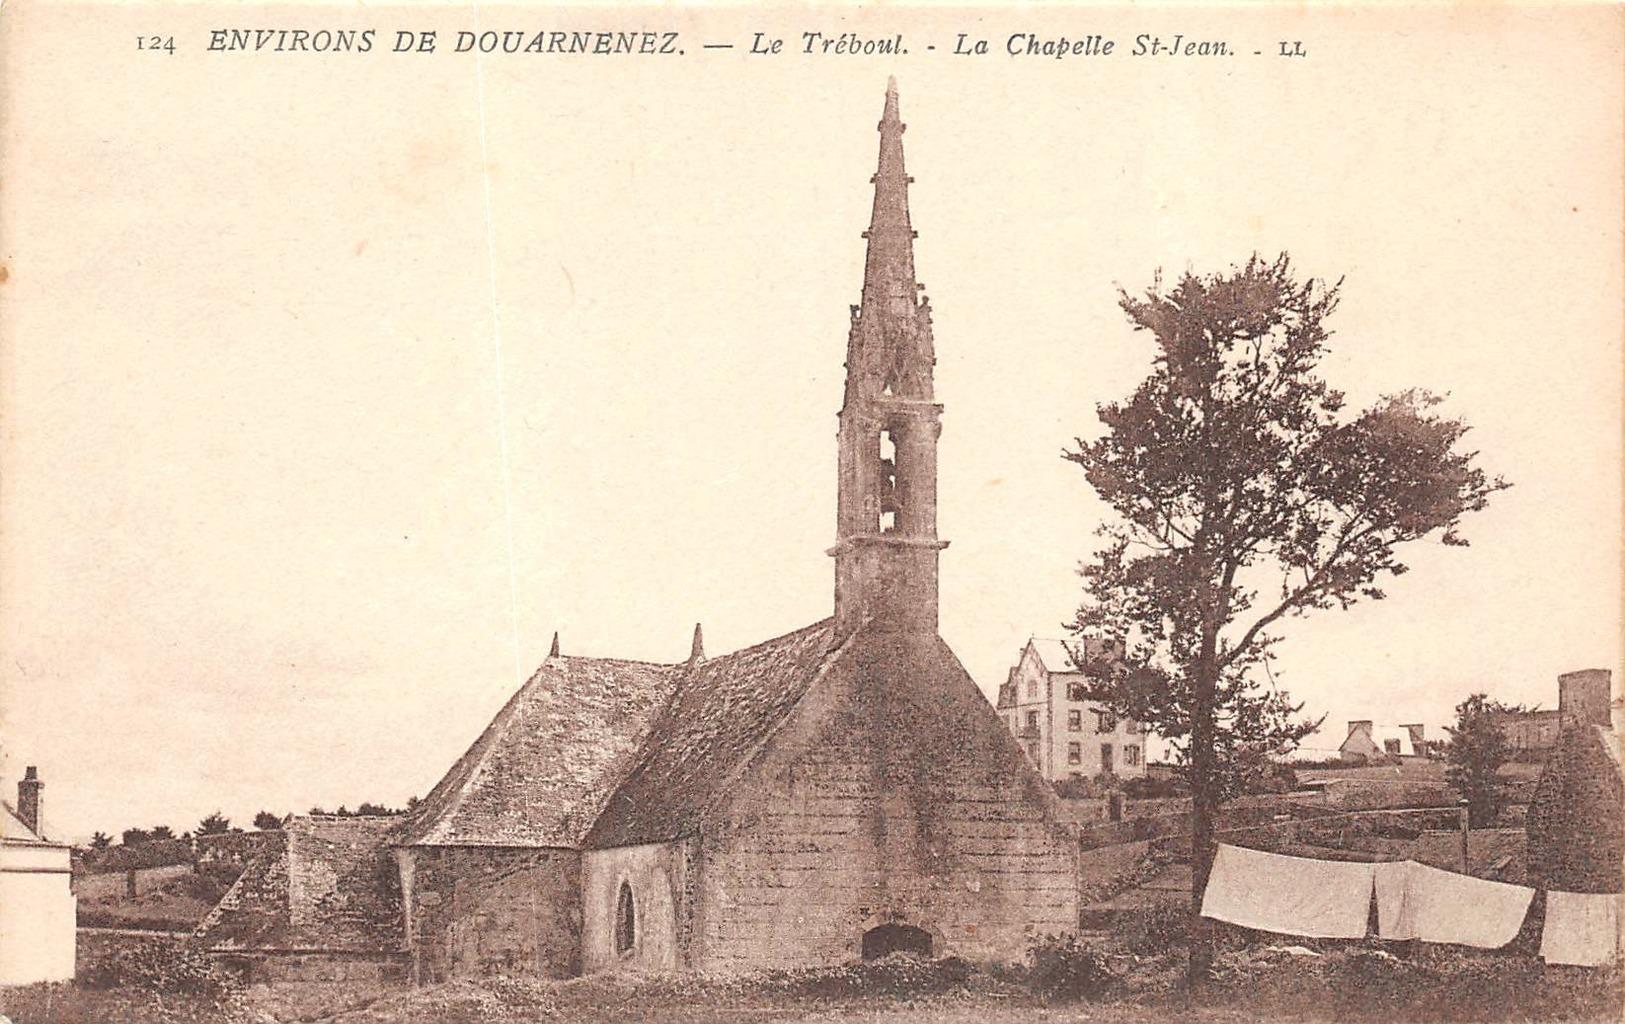 TREBOUL  Pres DOUARNENEZ  - La Chapelle Saint Jean ( LL 124) - Tréboul